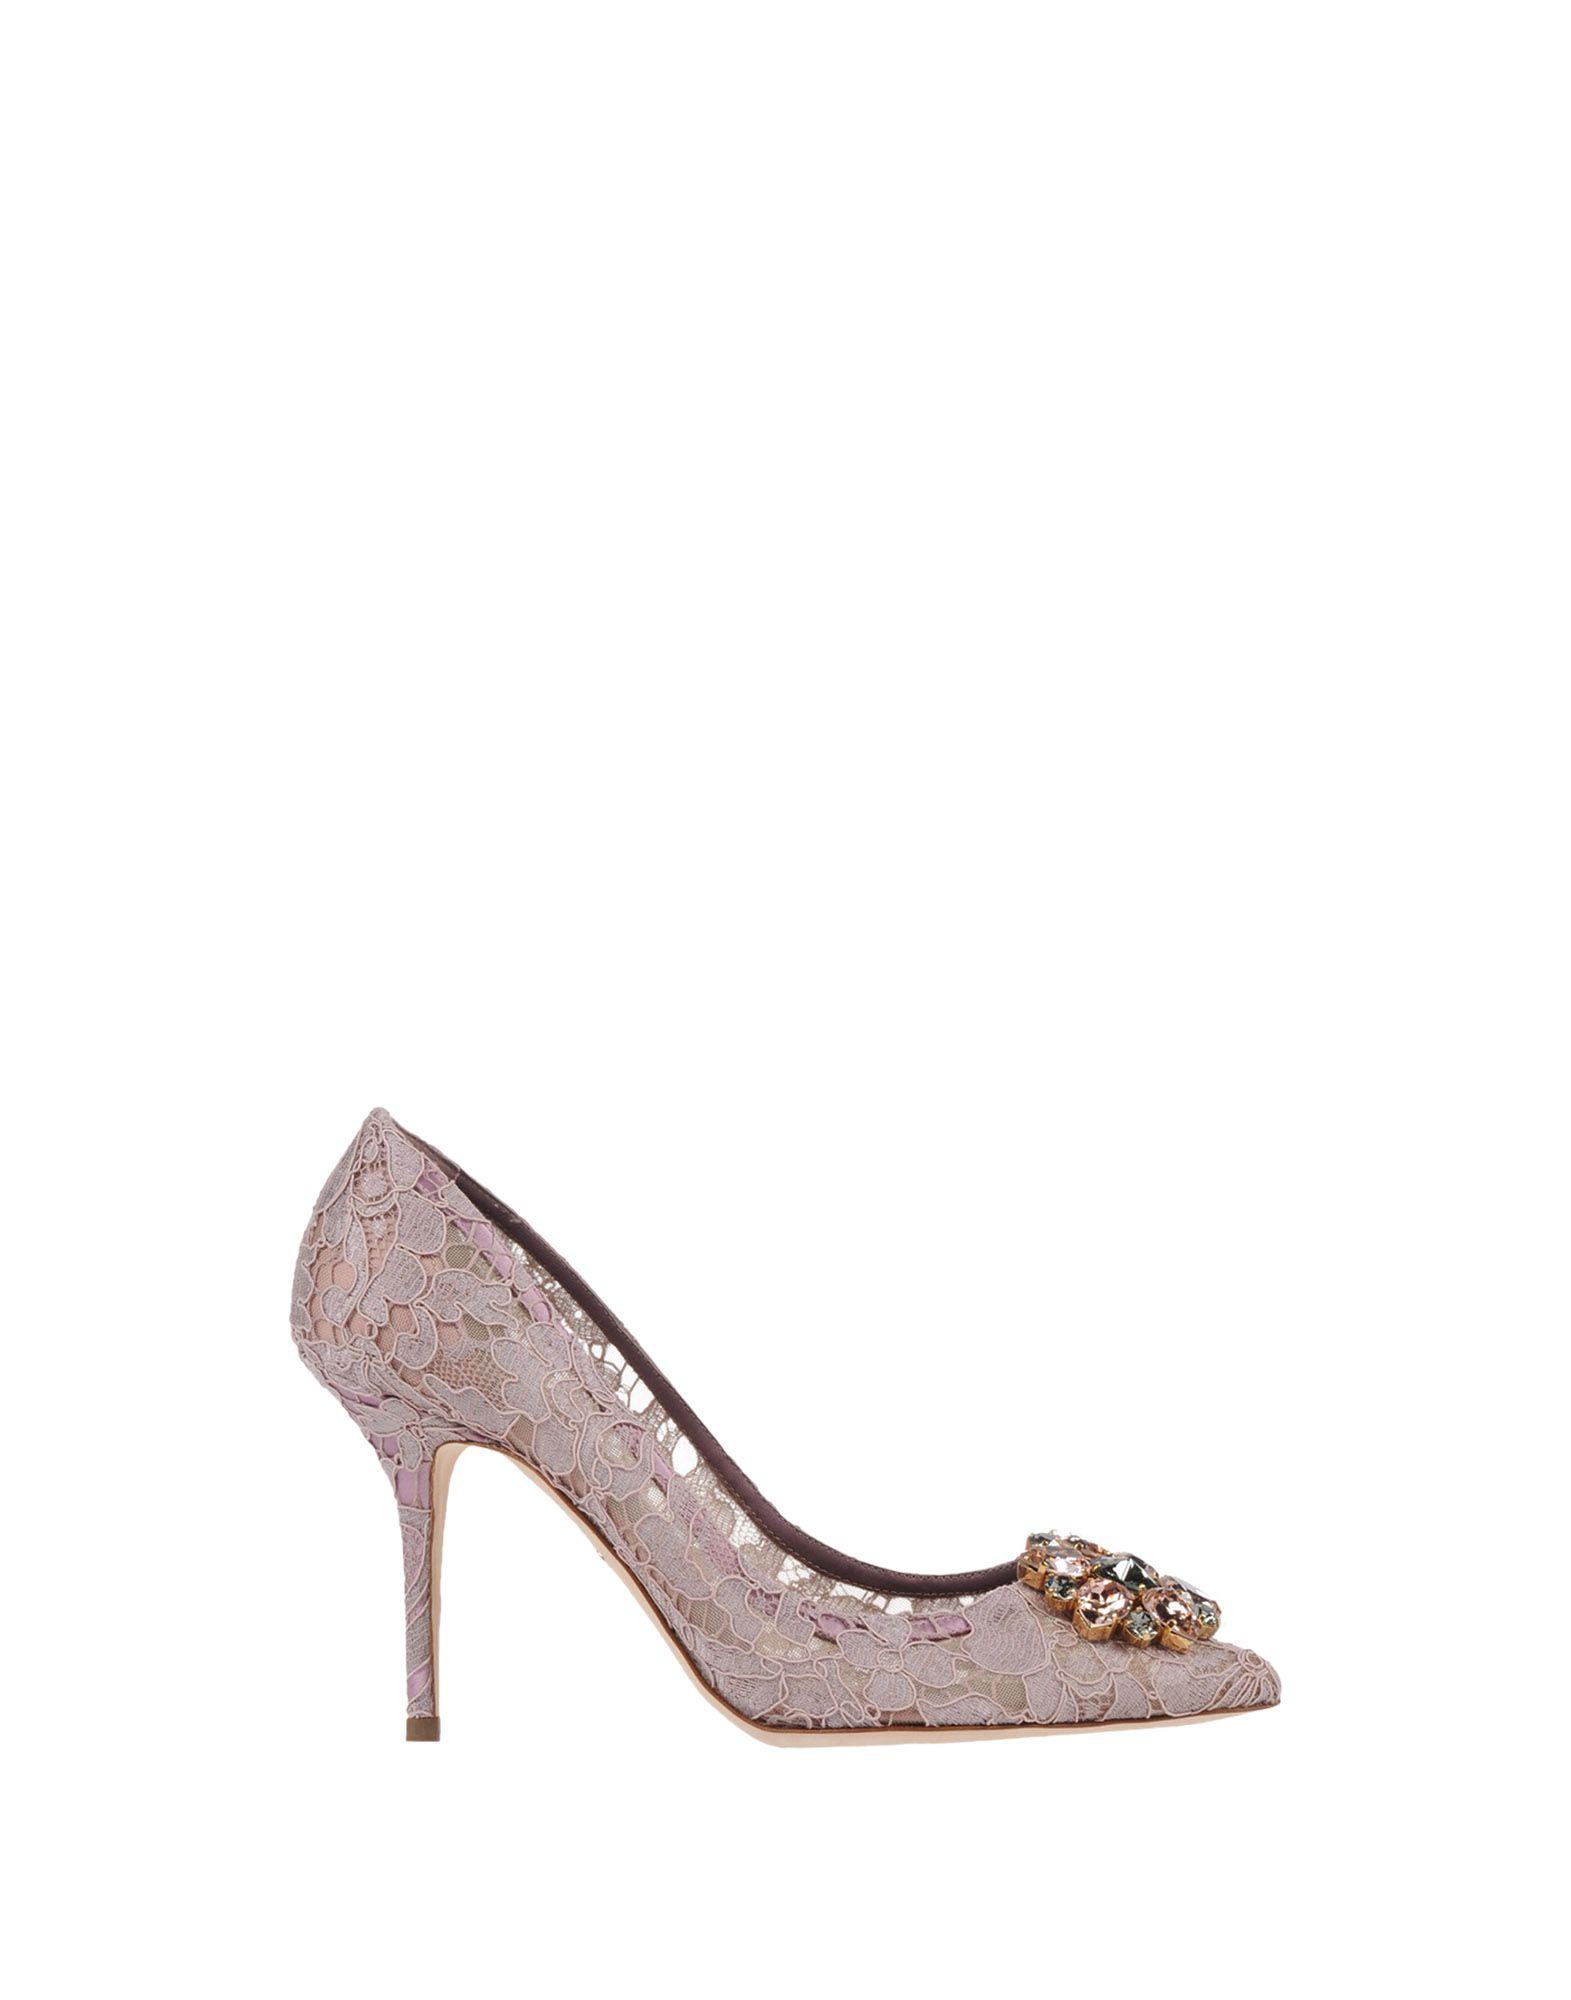 Dolce & Gabbana Pumps Damen Schuhe  11463478BT Neue Schuhe Damen fcbb0d